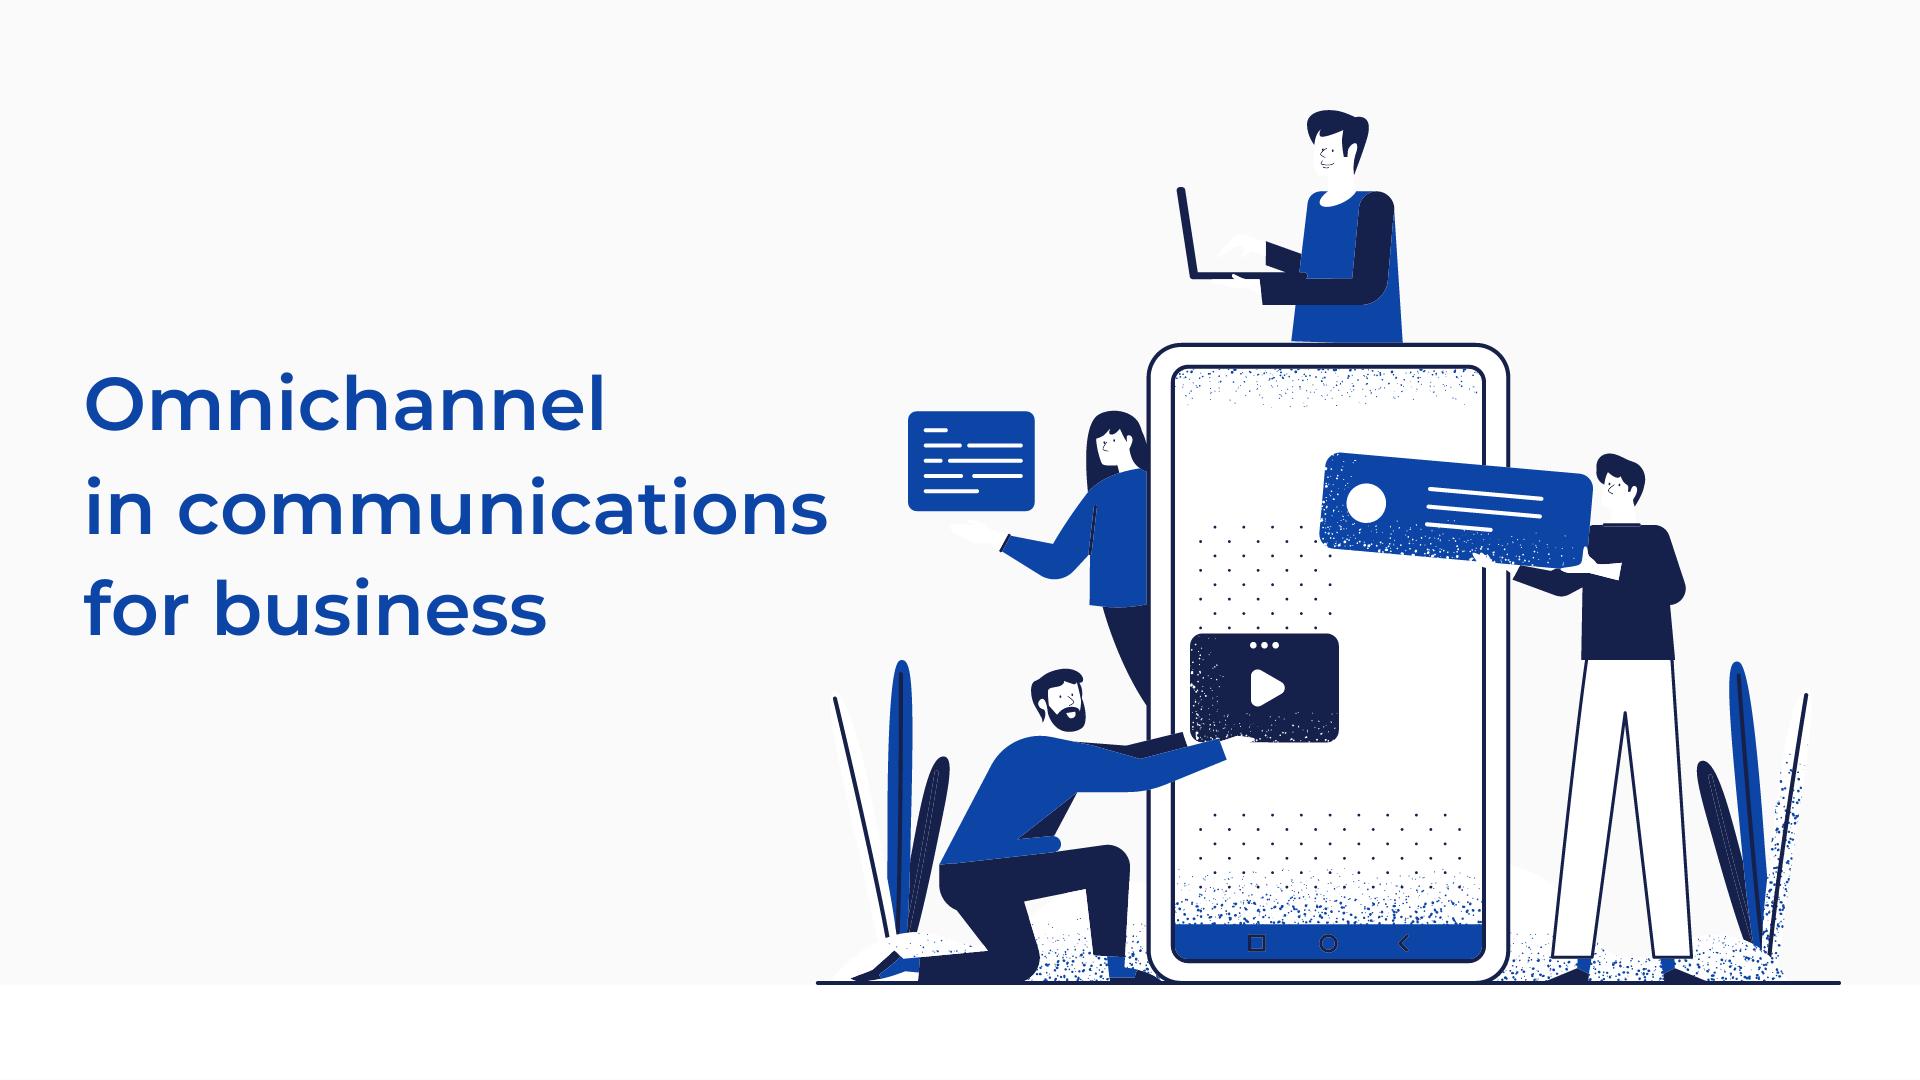 Роль омниканальности в коммуникациях для бизнеса